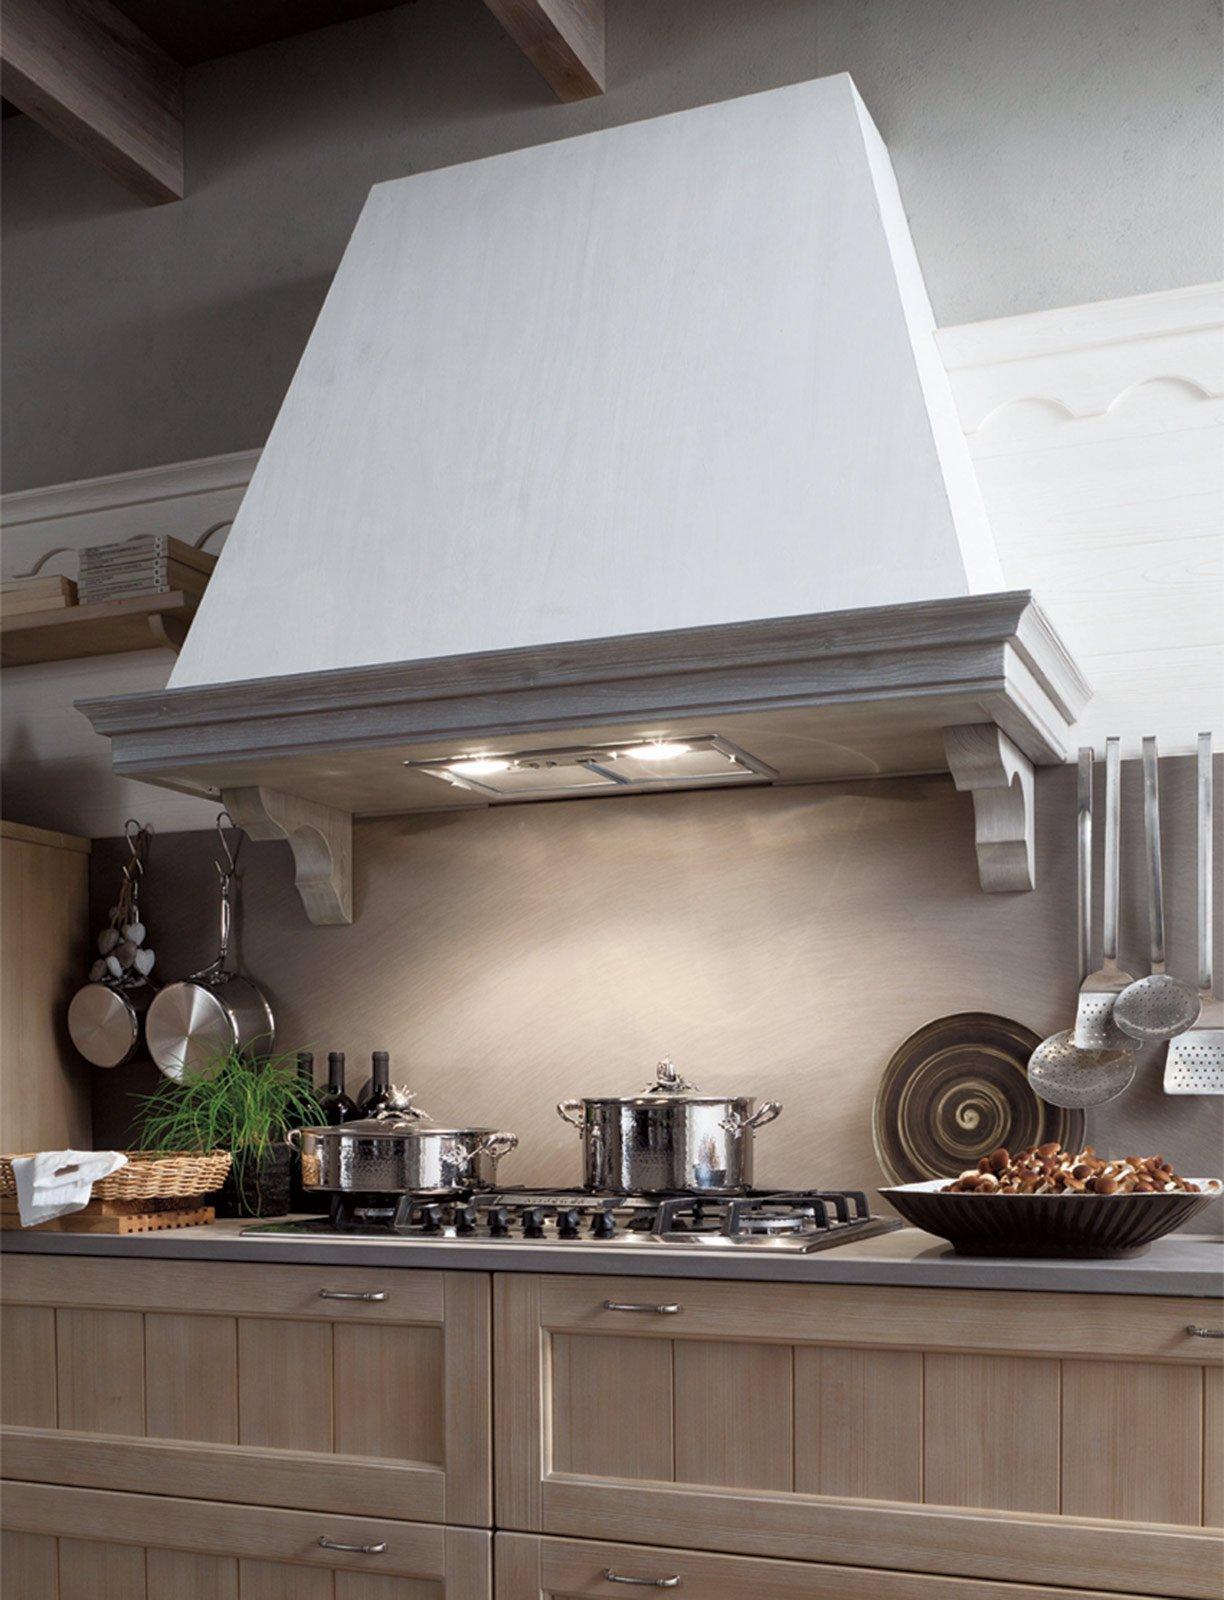 Cucina tante soluzioni per illuminarla cose di casa - Cappa da cucina ...